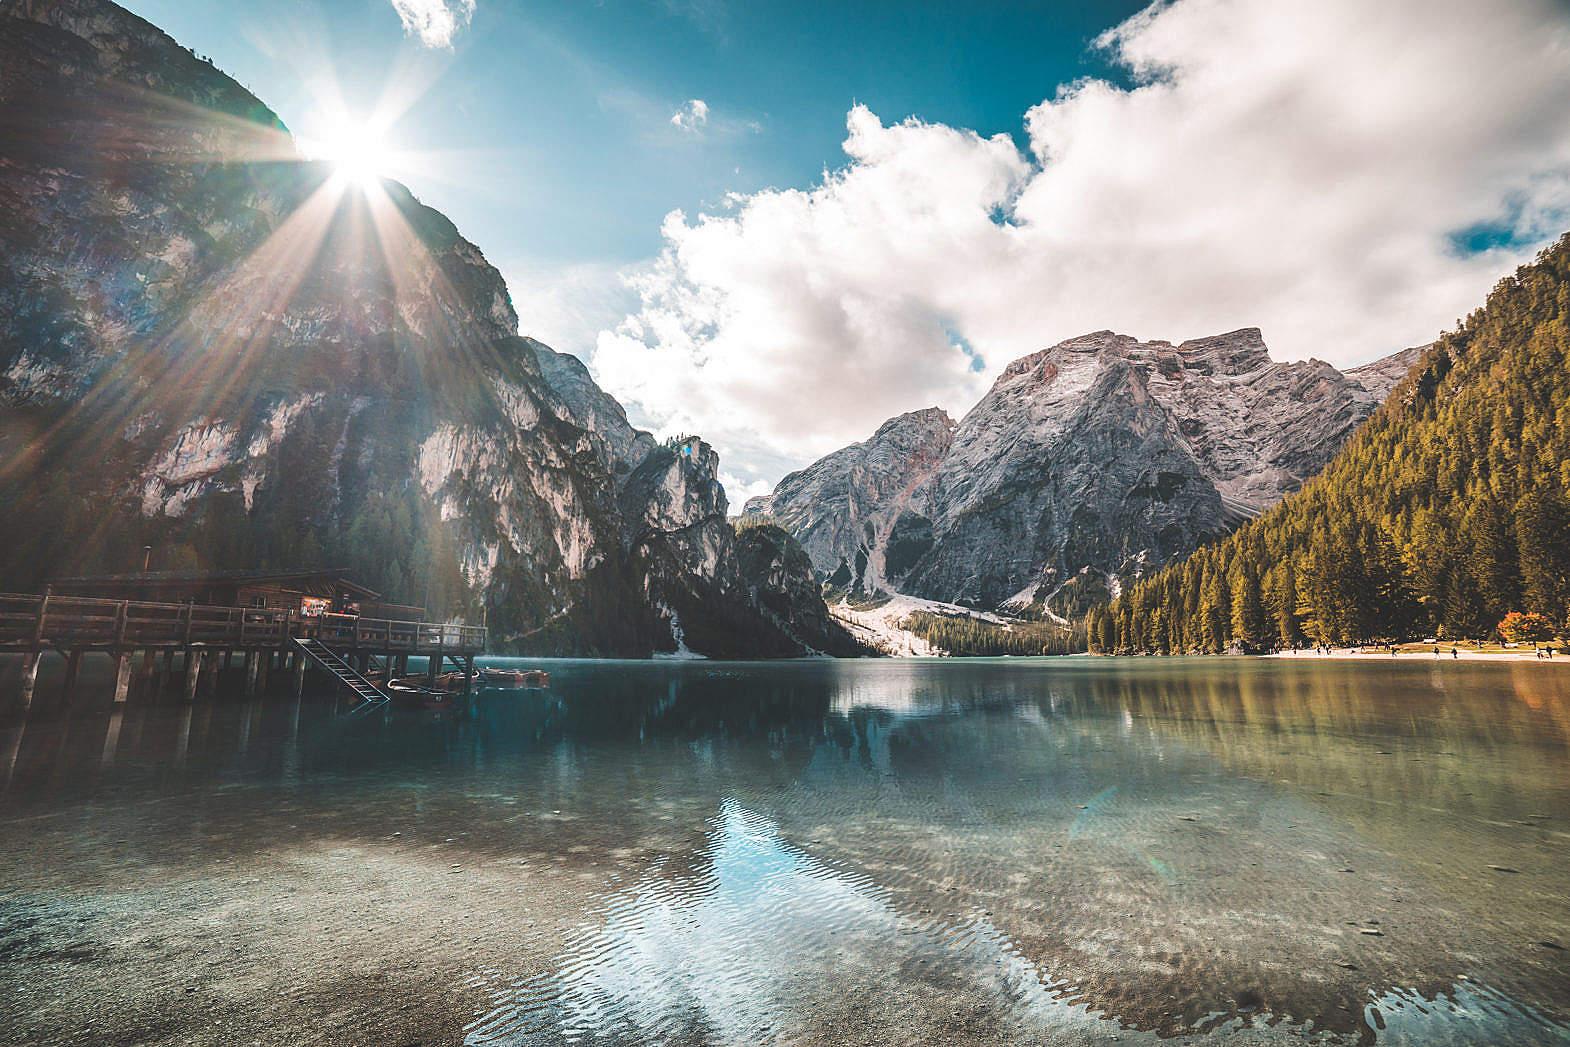 光束,云,清澈的湖水,河水,清澈,倒影,碧波,水波纹,树,木屋 自然风景-第1张